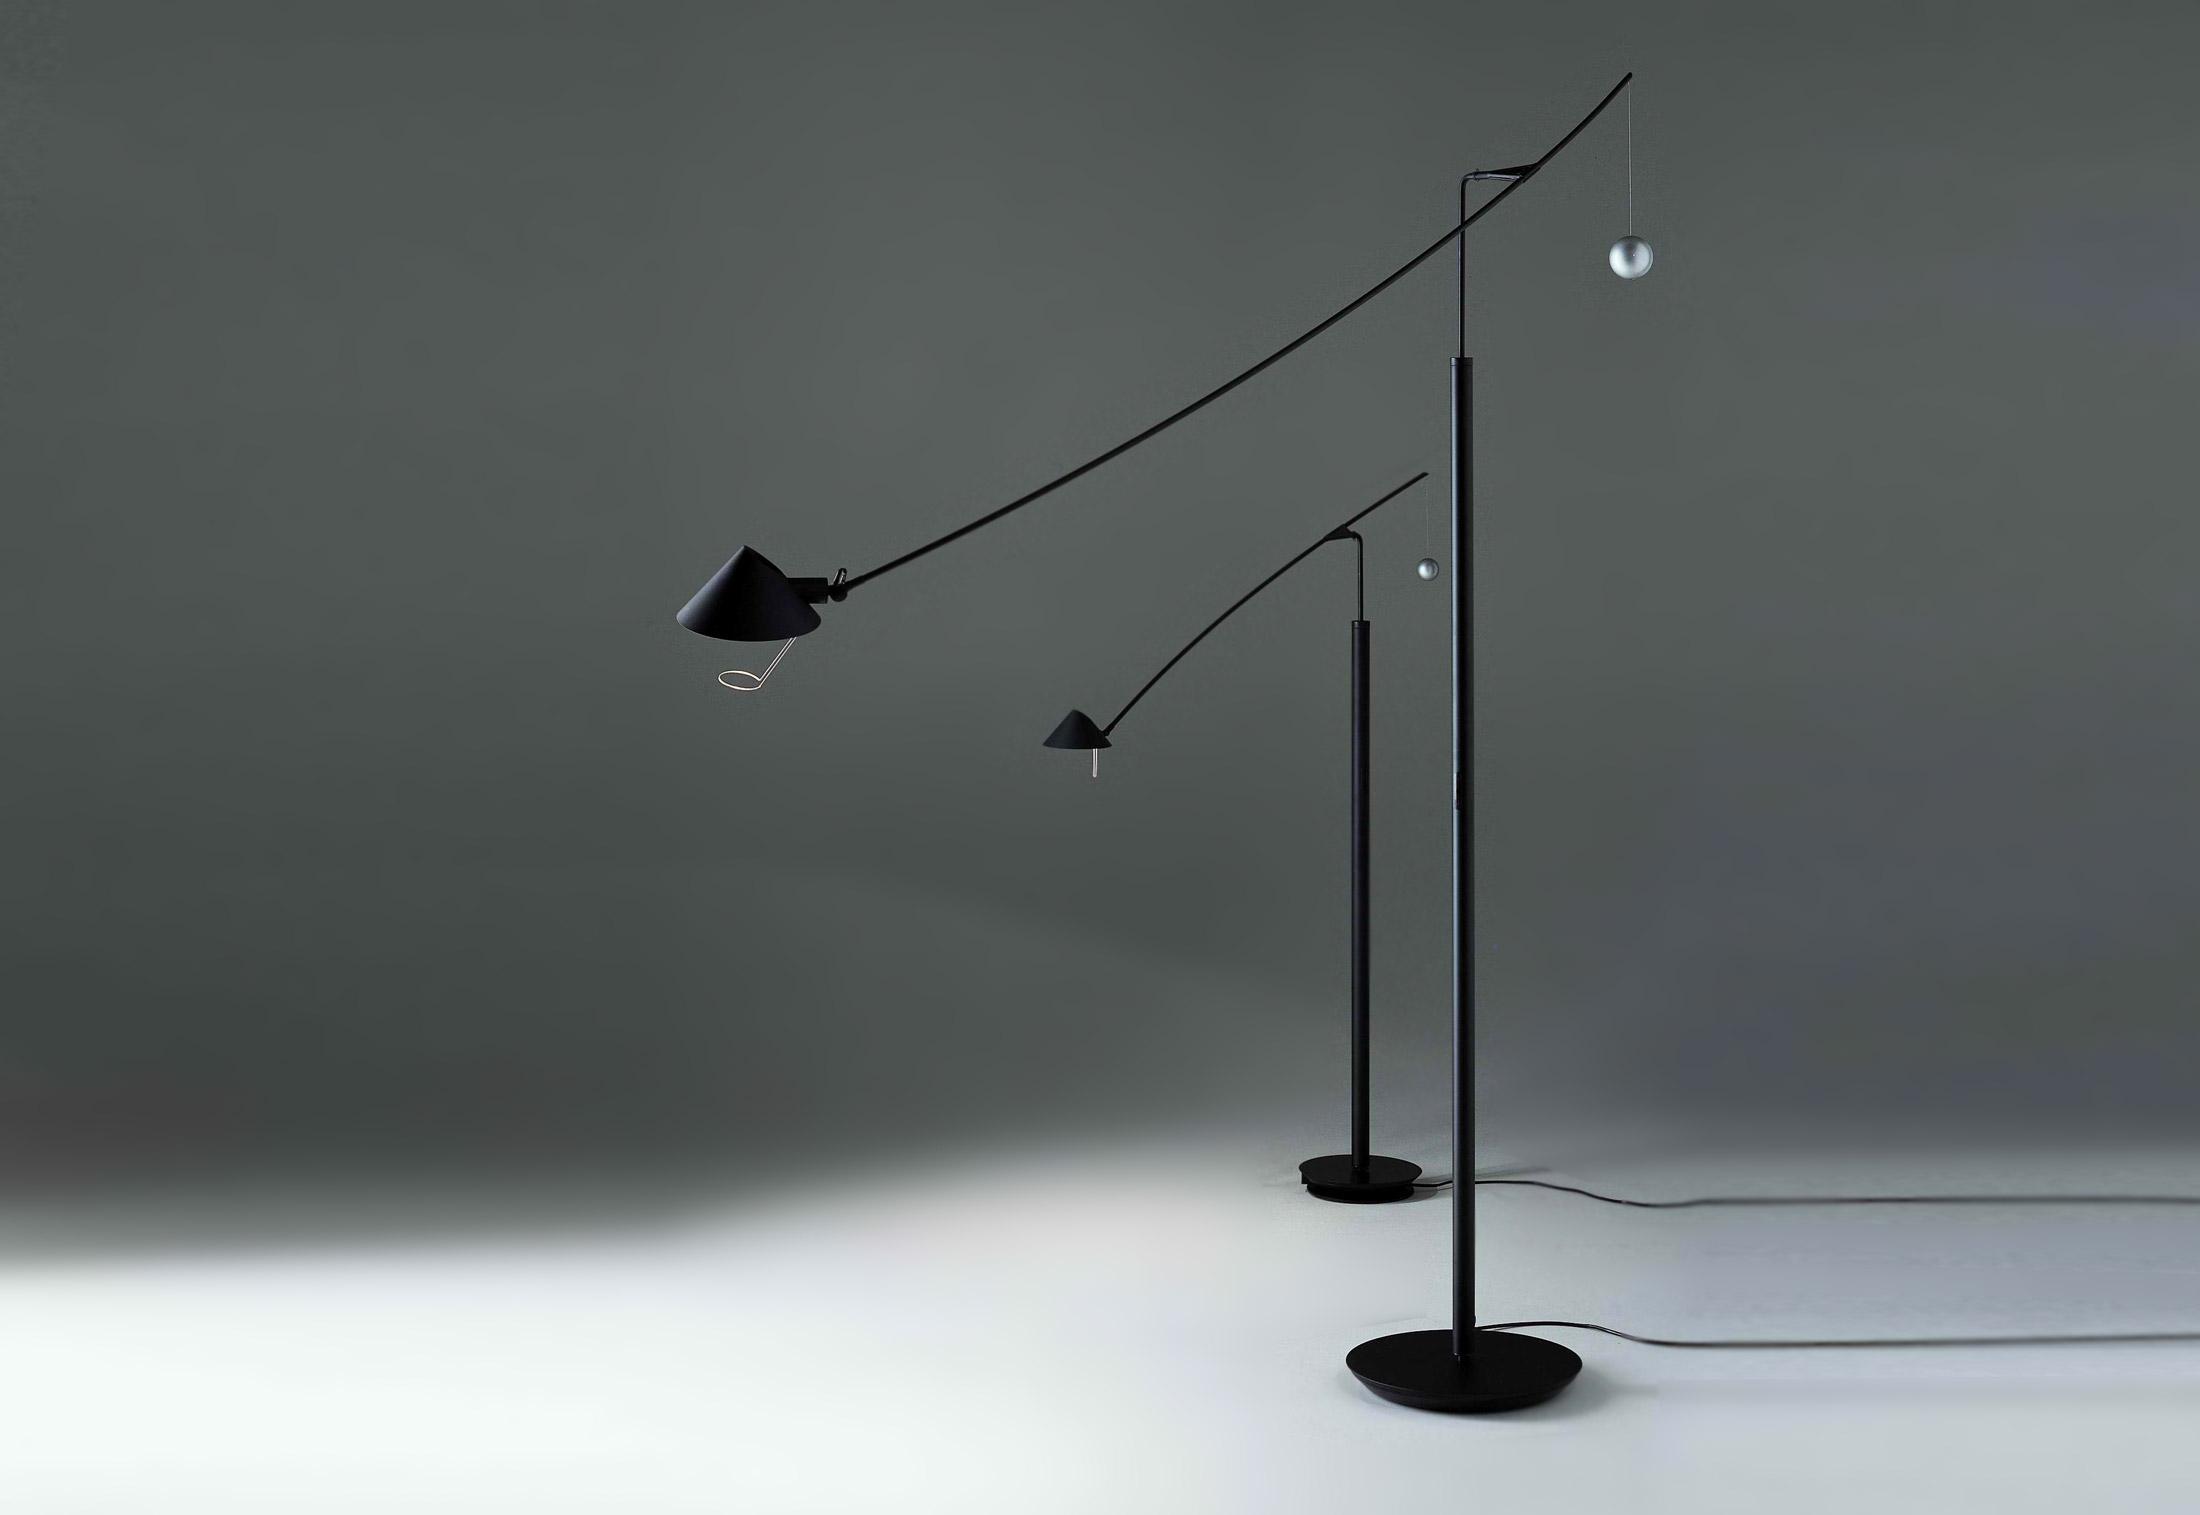 Artemide nestore lettura l mpara di lampada da a013210 for Lampada da lettura